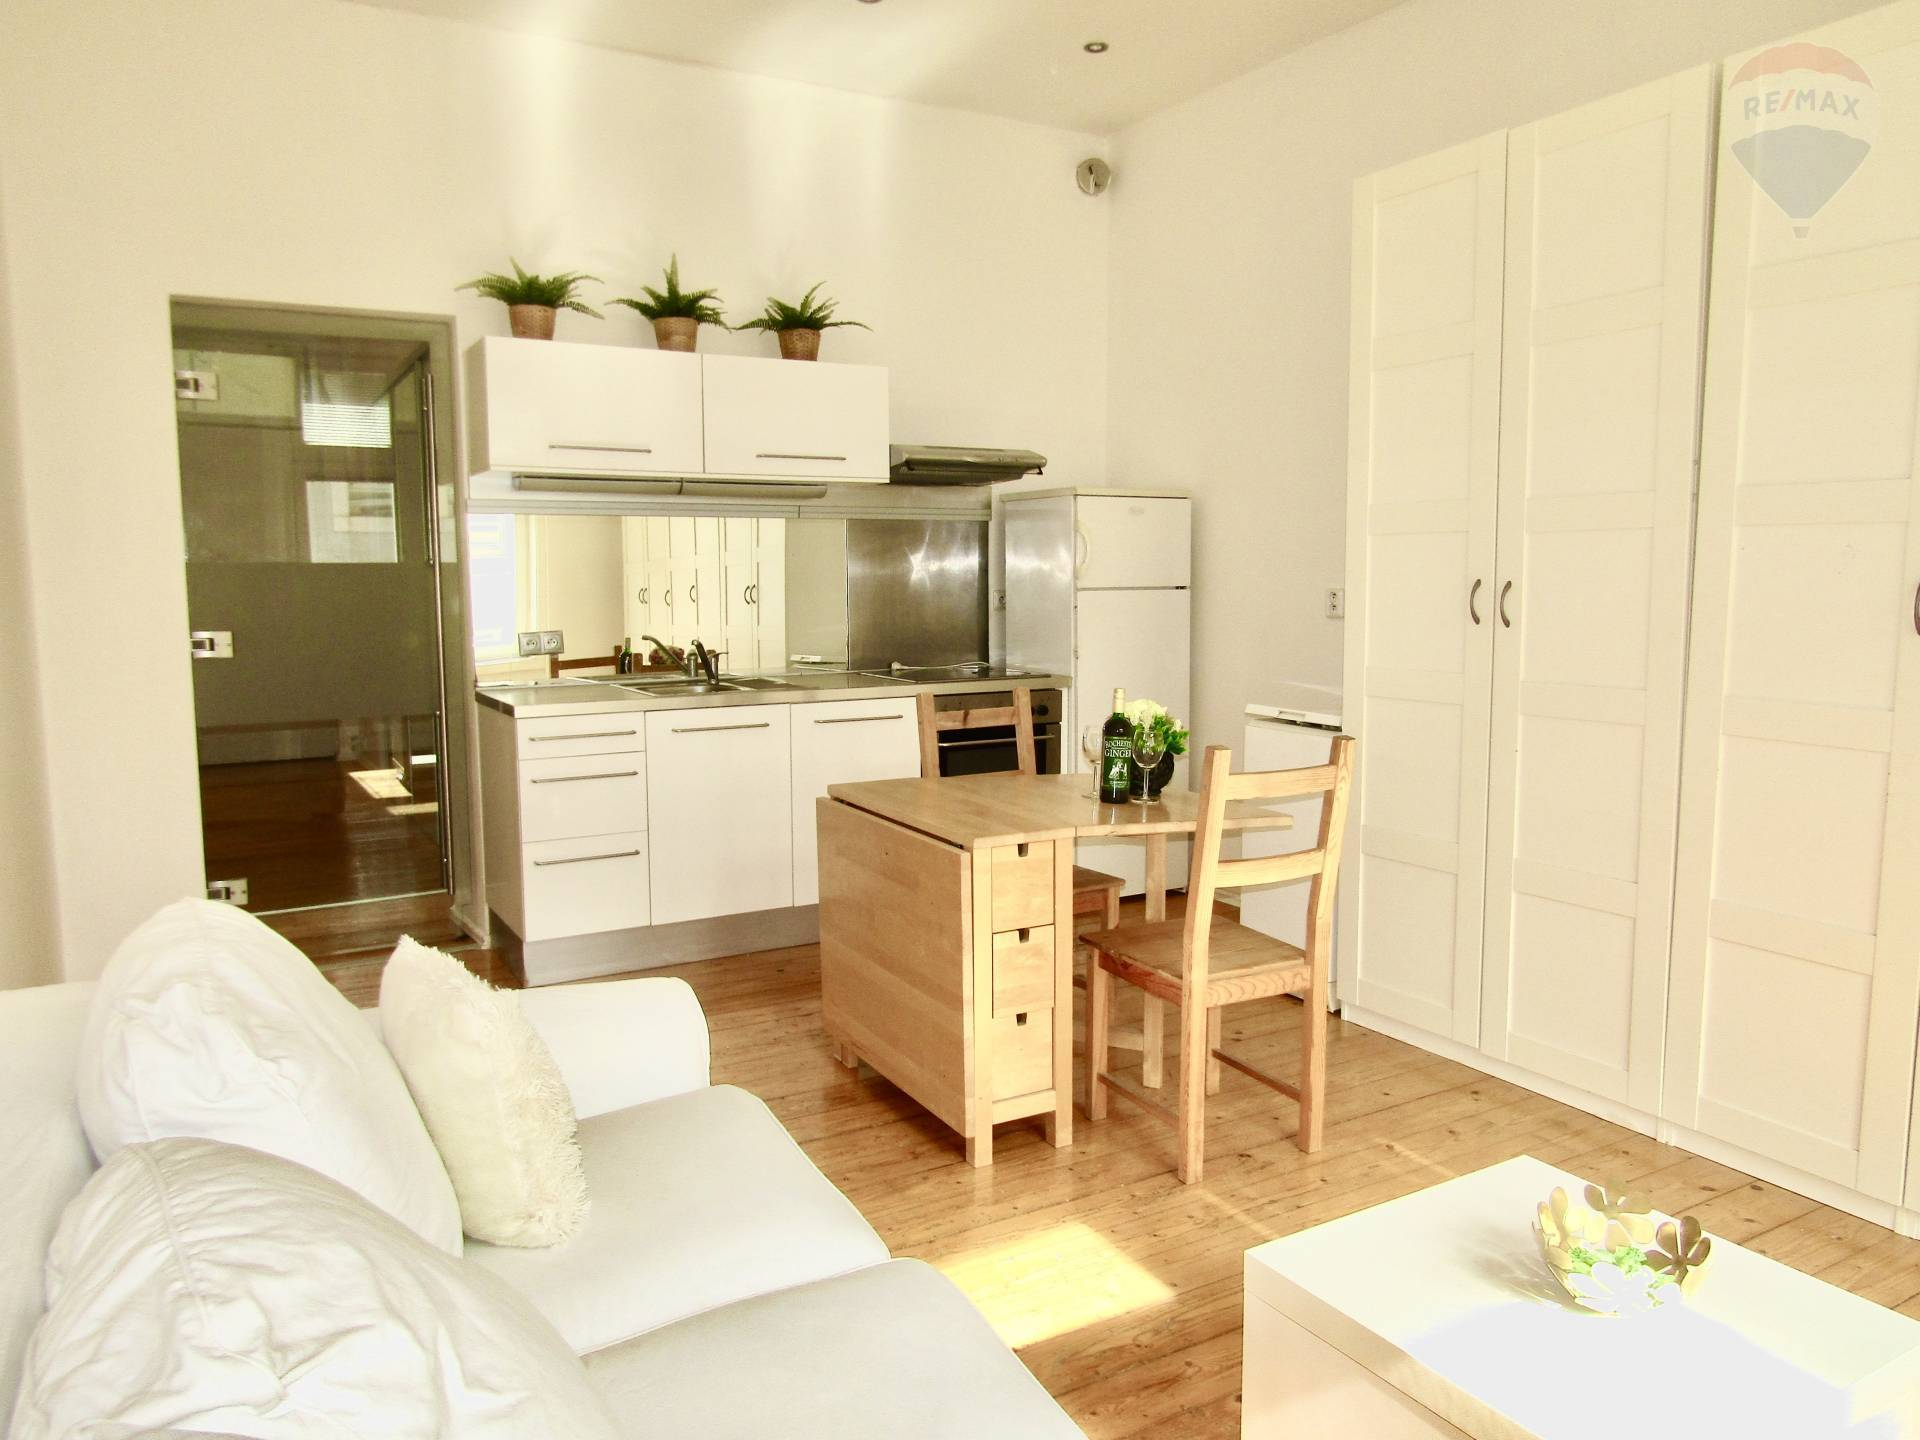 Predaj - Príjemný 1,5 izbový byt v historickej budove, kompletná rekonštrukcia, pivnica, Staré Mesto